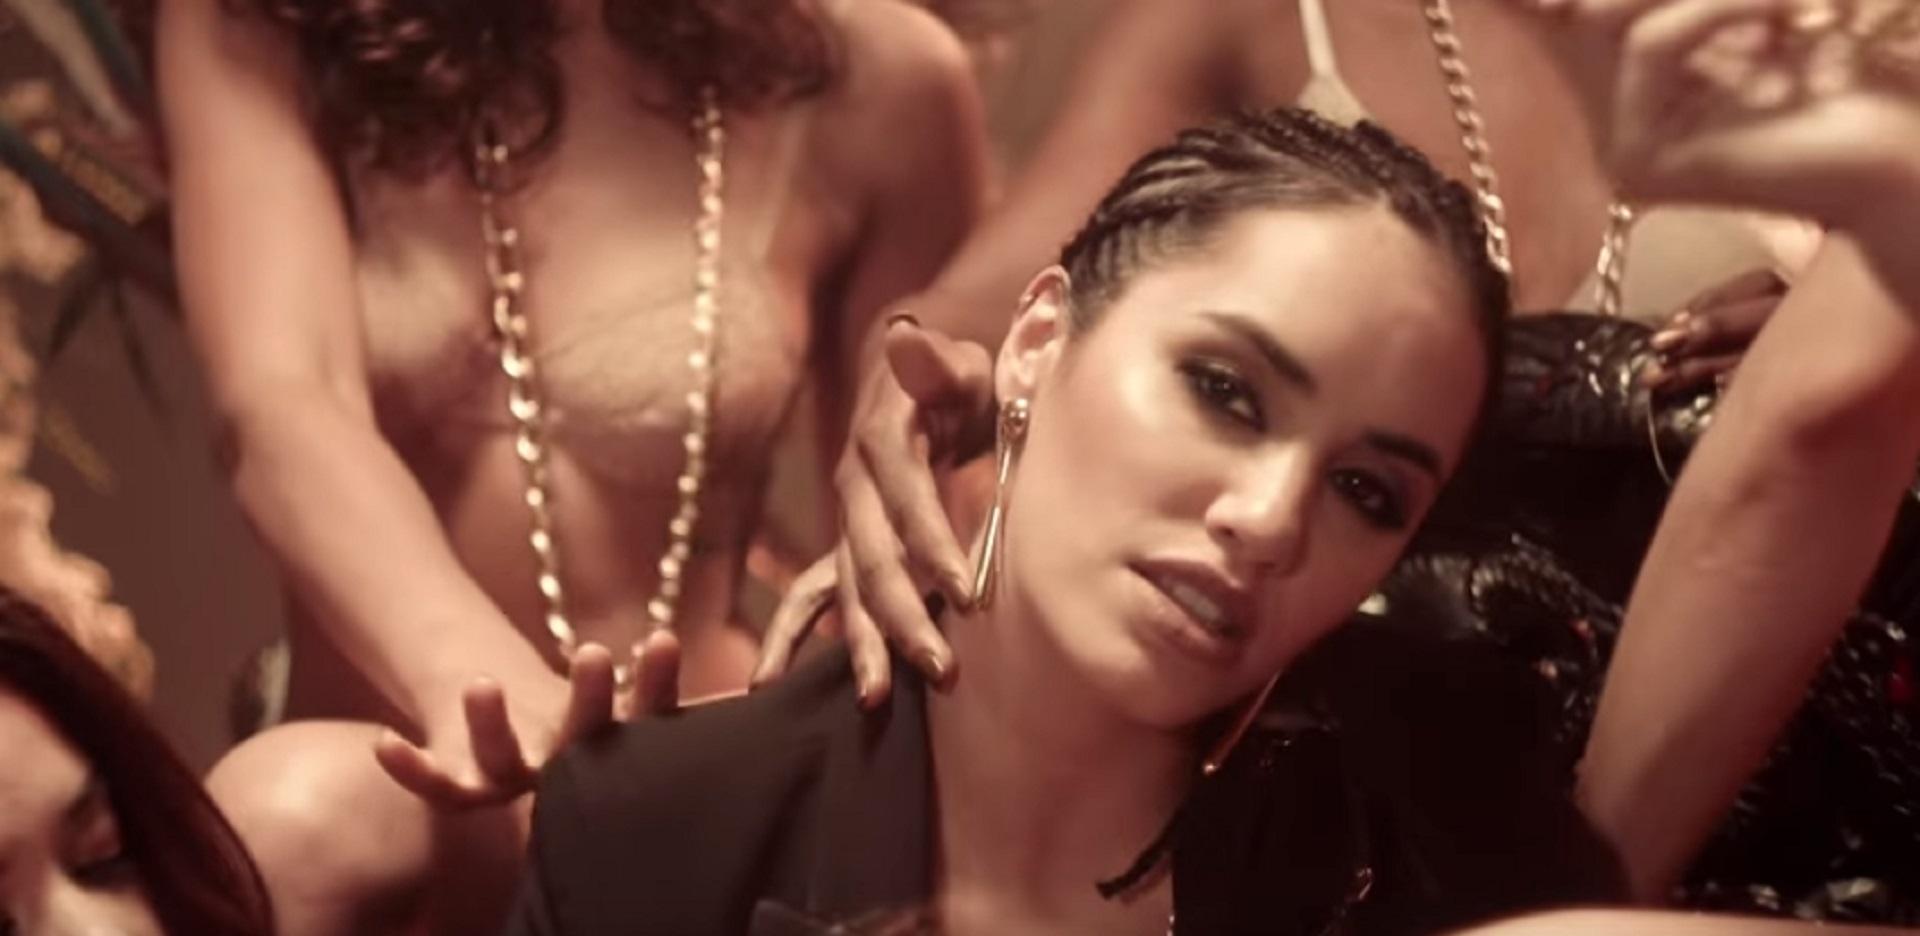 Todos sus videoclips se distinguen por llevar una alta carga de sensualidad y erotismo a flor de piel